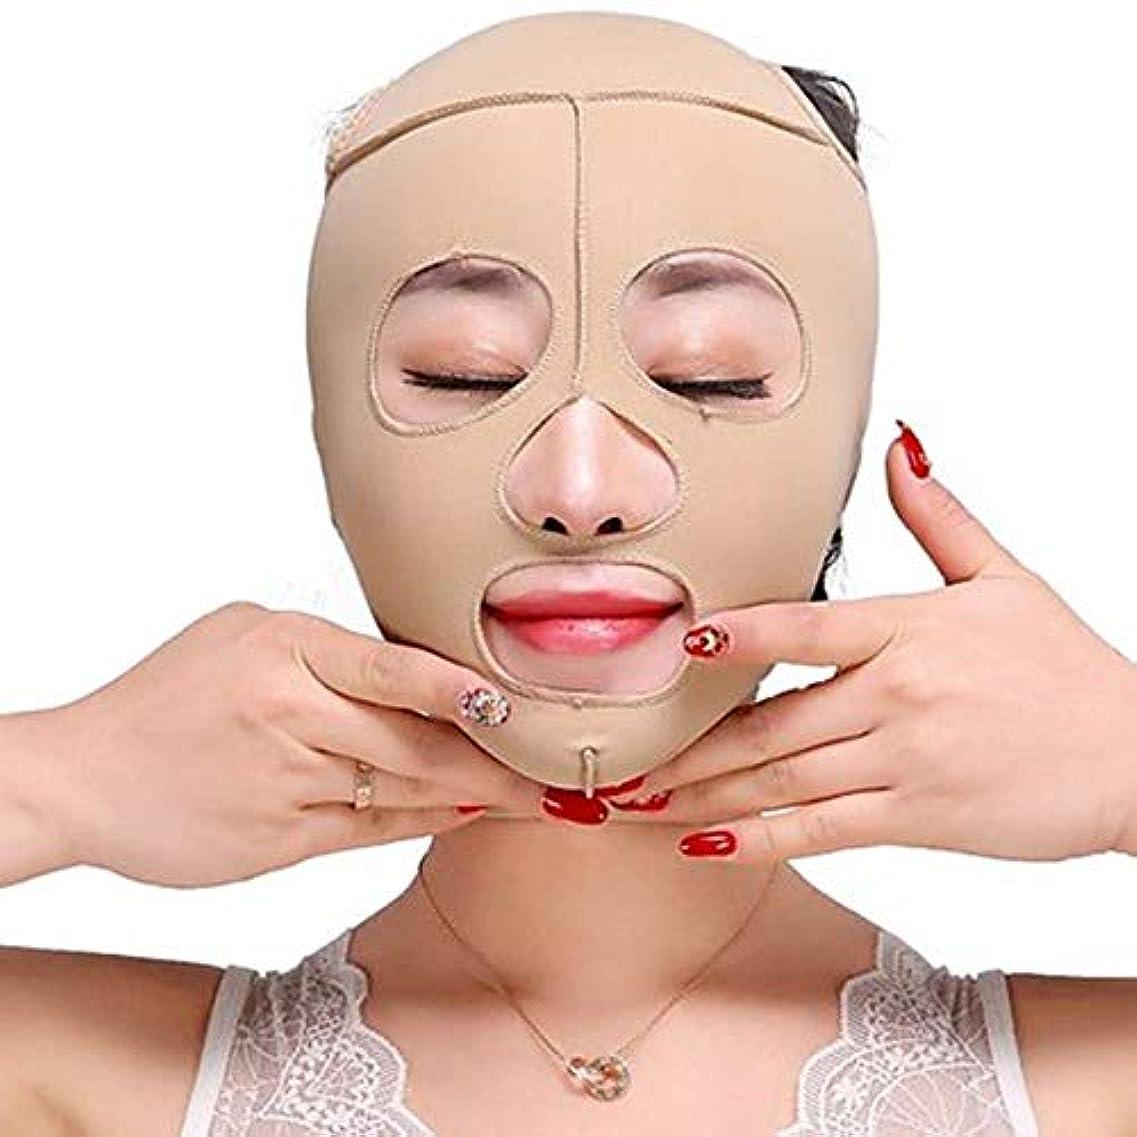 彼らの優越承認美容と実用的なVフェイスマスク、フェイシャルフェイス、ダブルチンシンフェイスバンデージ(サイズ:S)